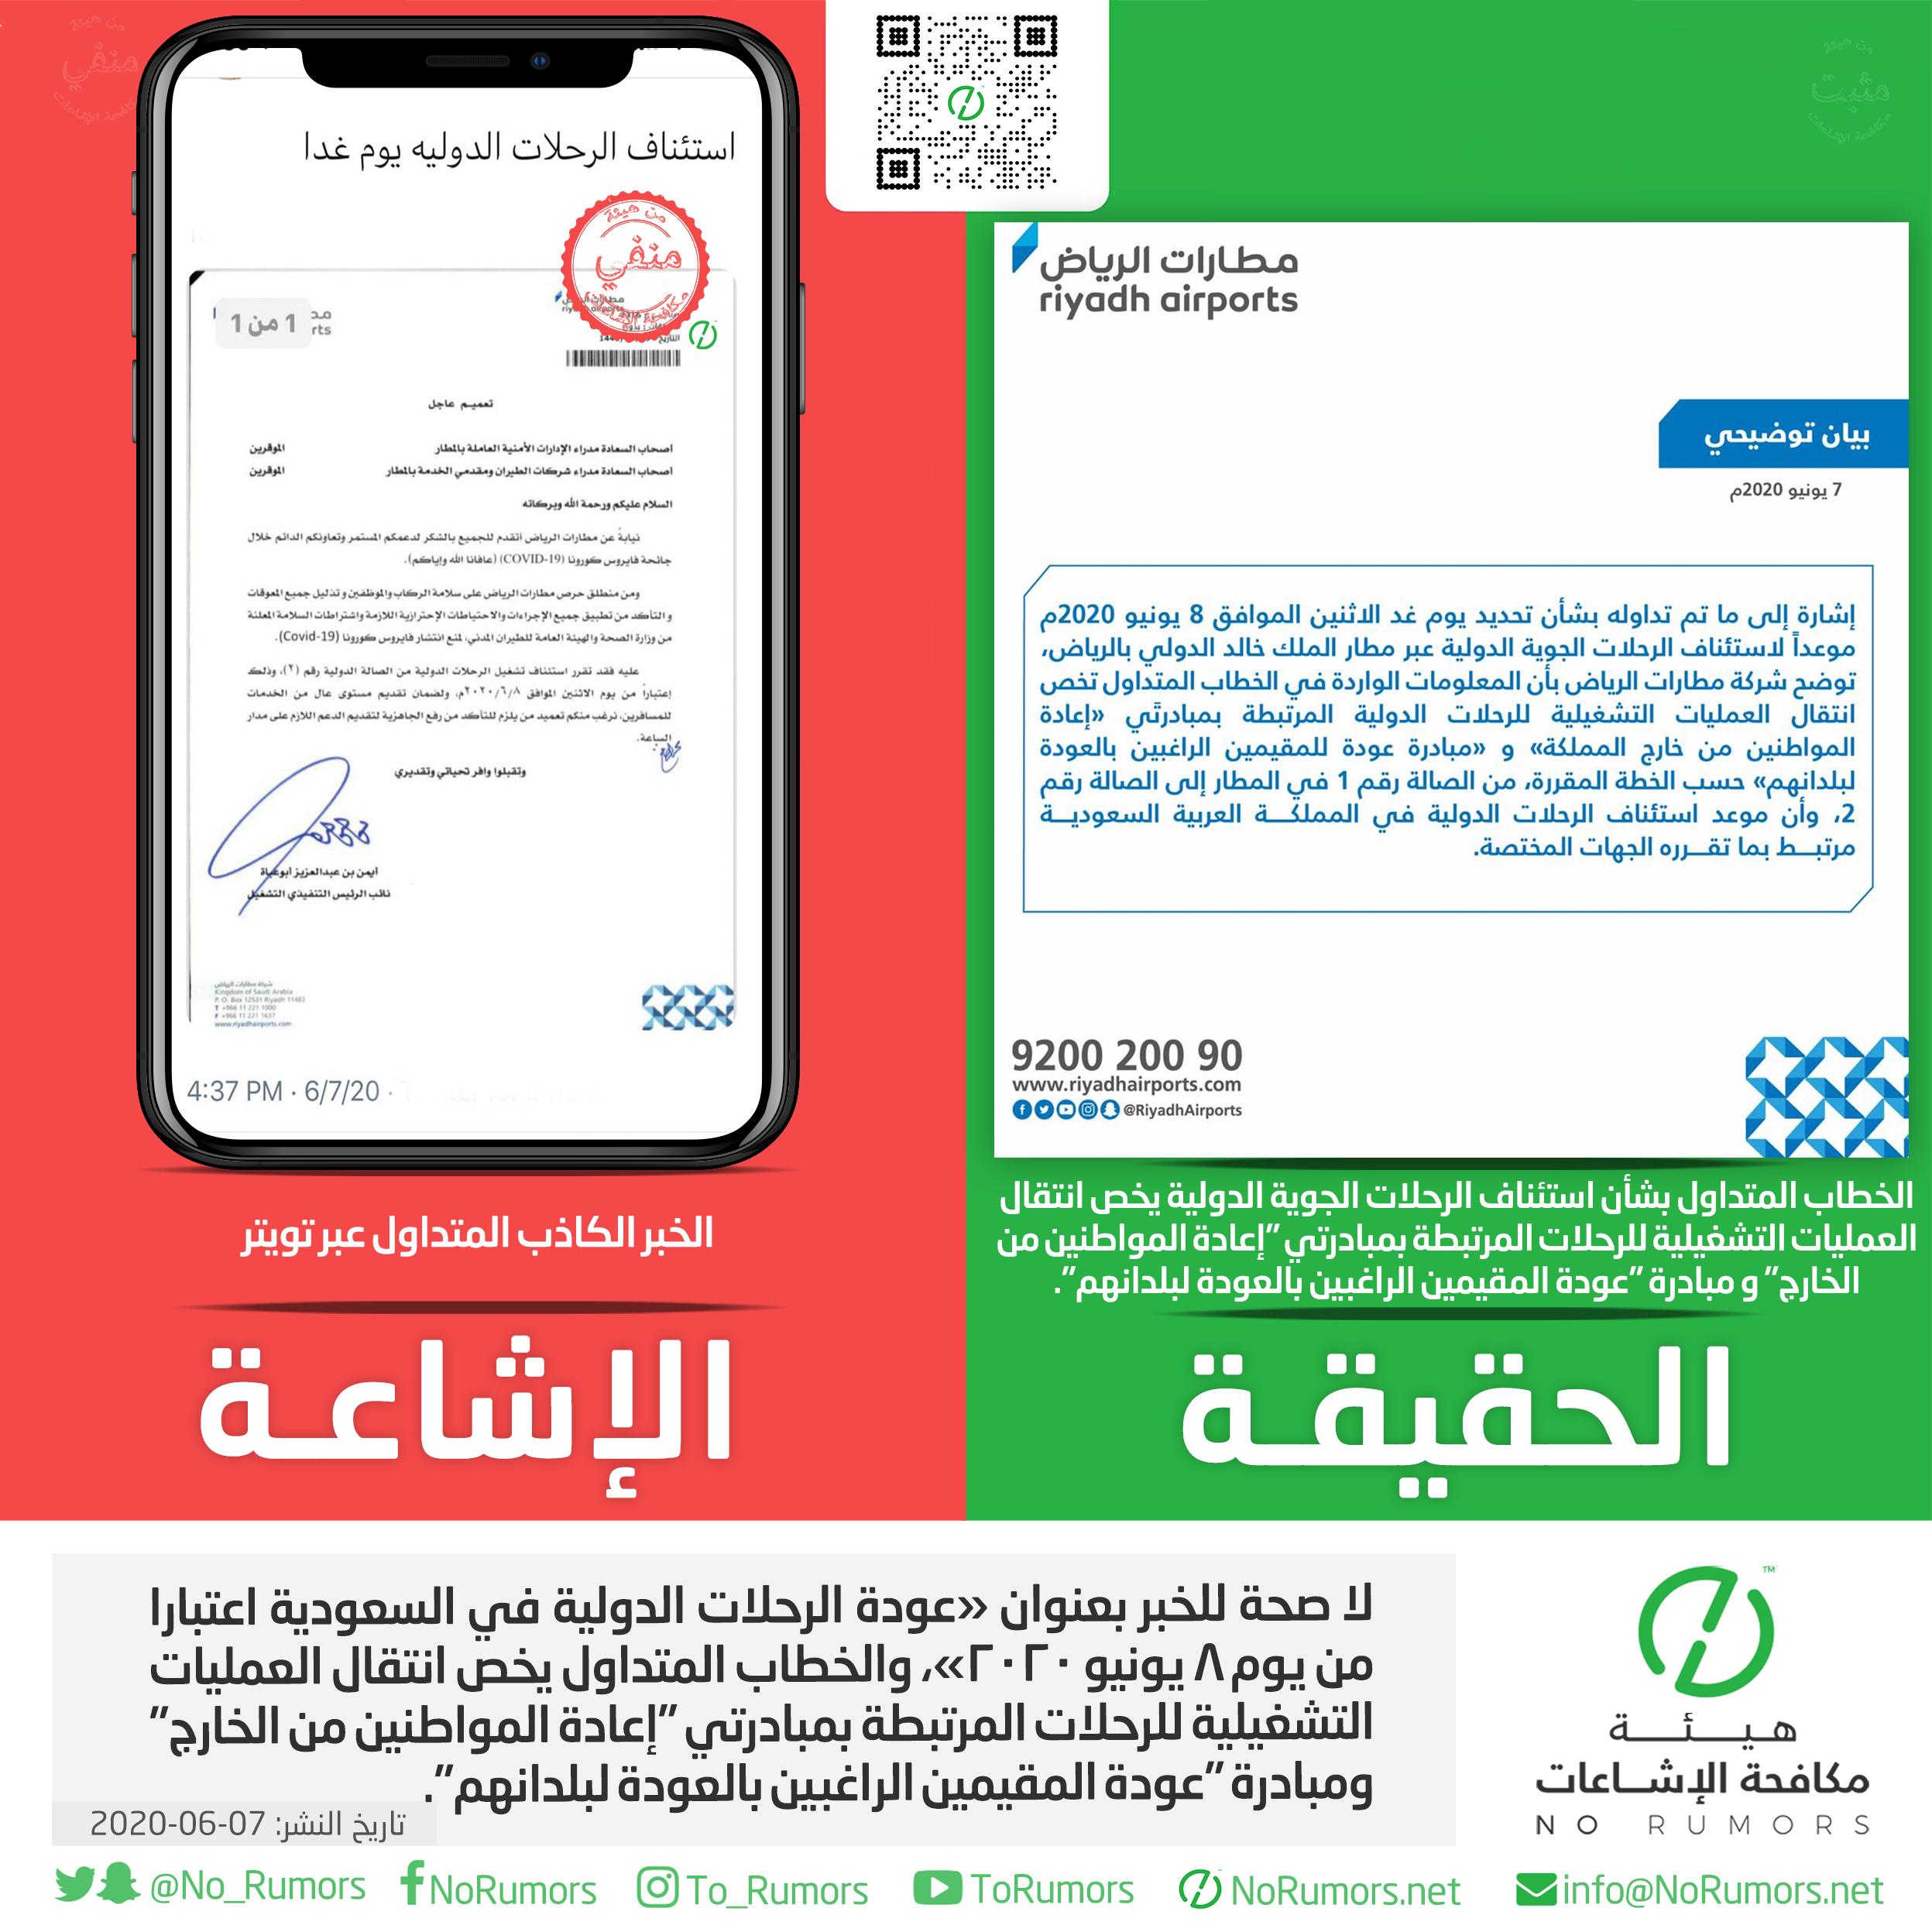 حقيقة الخبر بعنوان «عودة الرحلات الدولية في السعودية اعتبارا من يوم ٨ يونيو ٢٠٢٠»